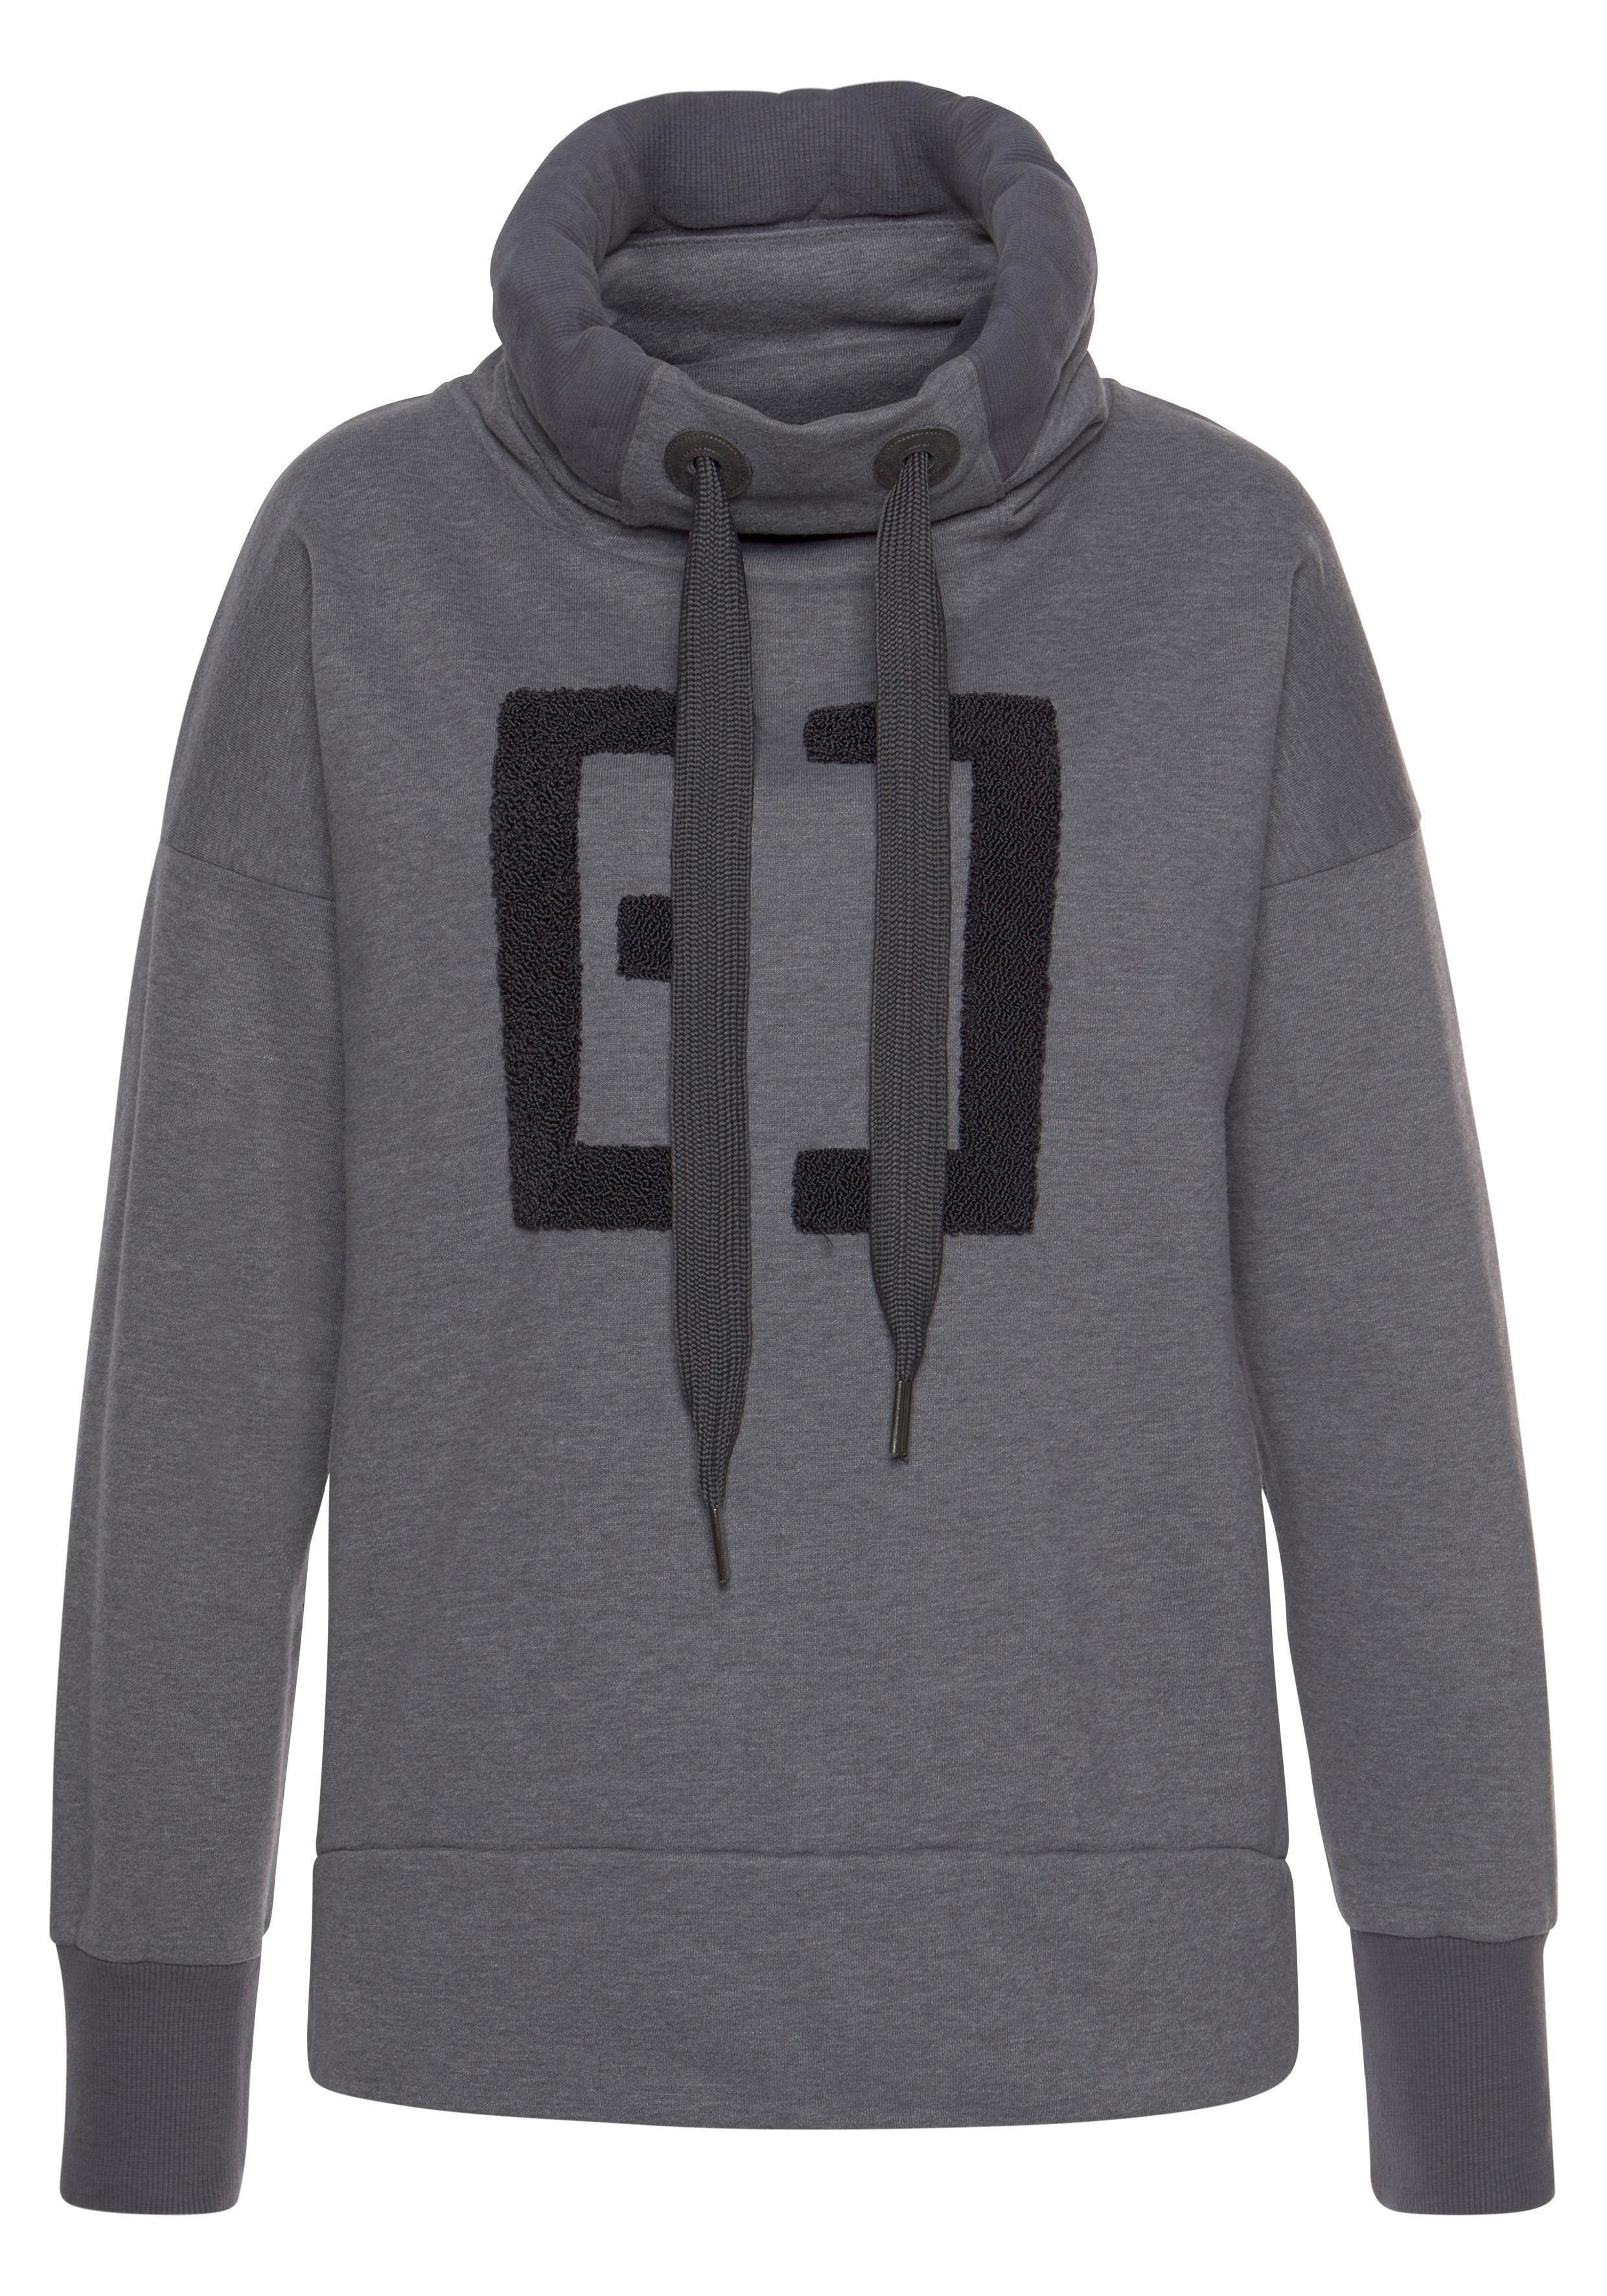 Elbsand sweatshirt online kopen op lascana.nl